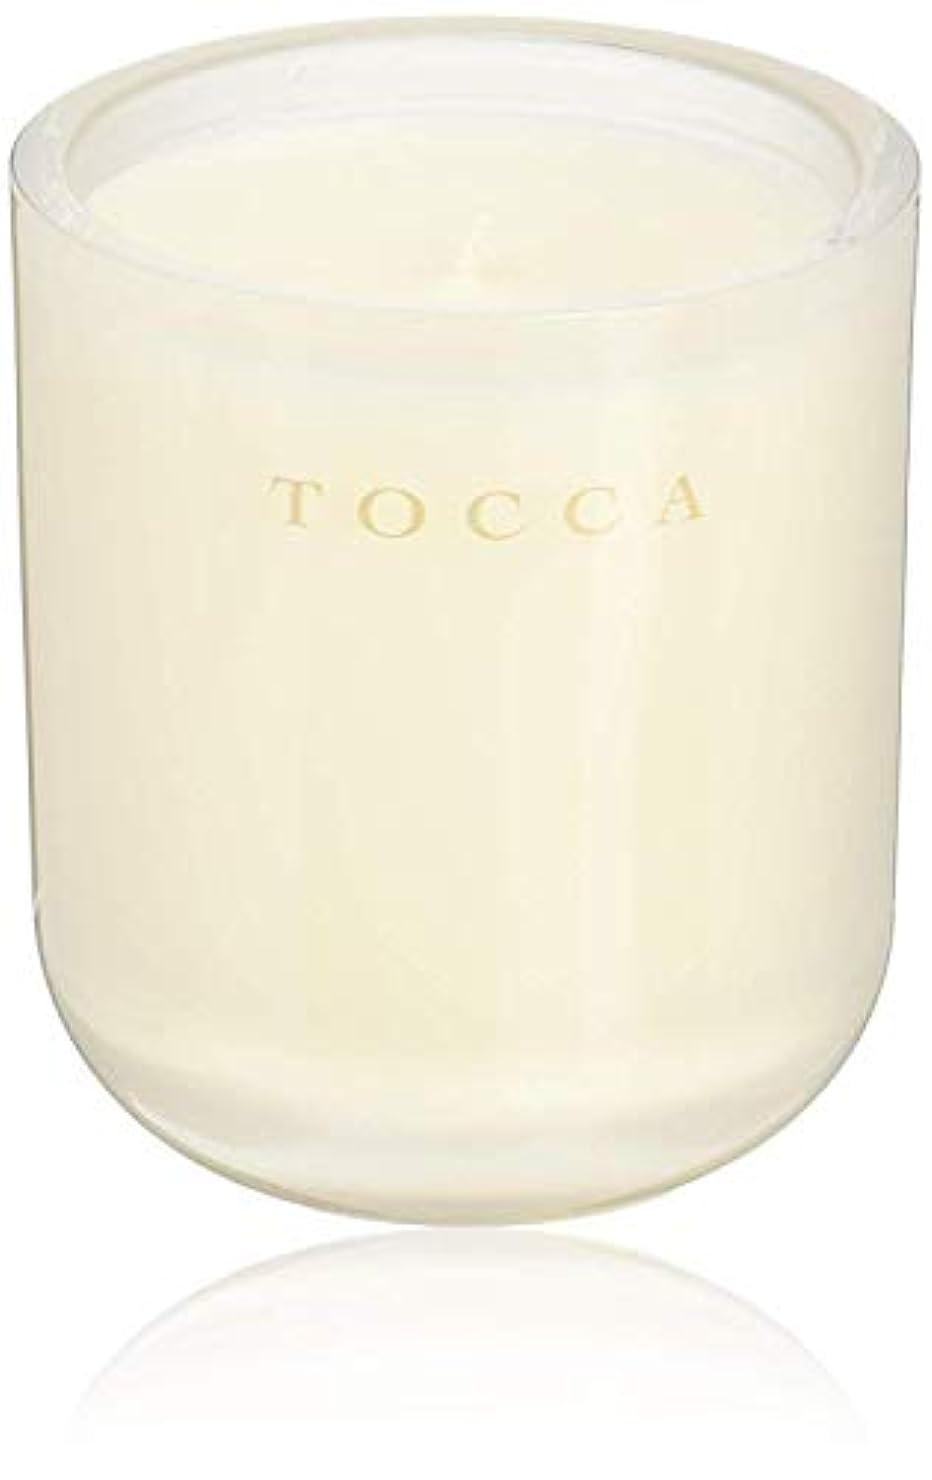 バングステレオ冒険者TOCCA(トッカ) ボヤージュ キャンドル ボラボラ 287g (ろうそく 芳香 バニラとジャスミンの甘く柔らかな香り)